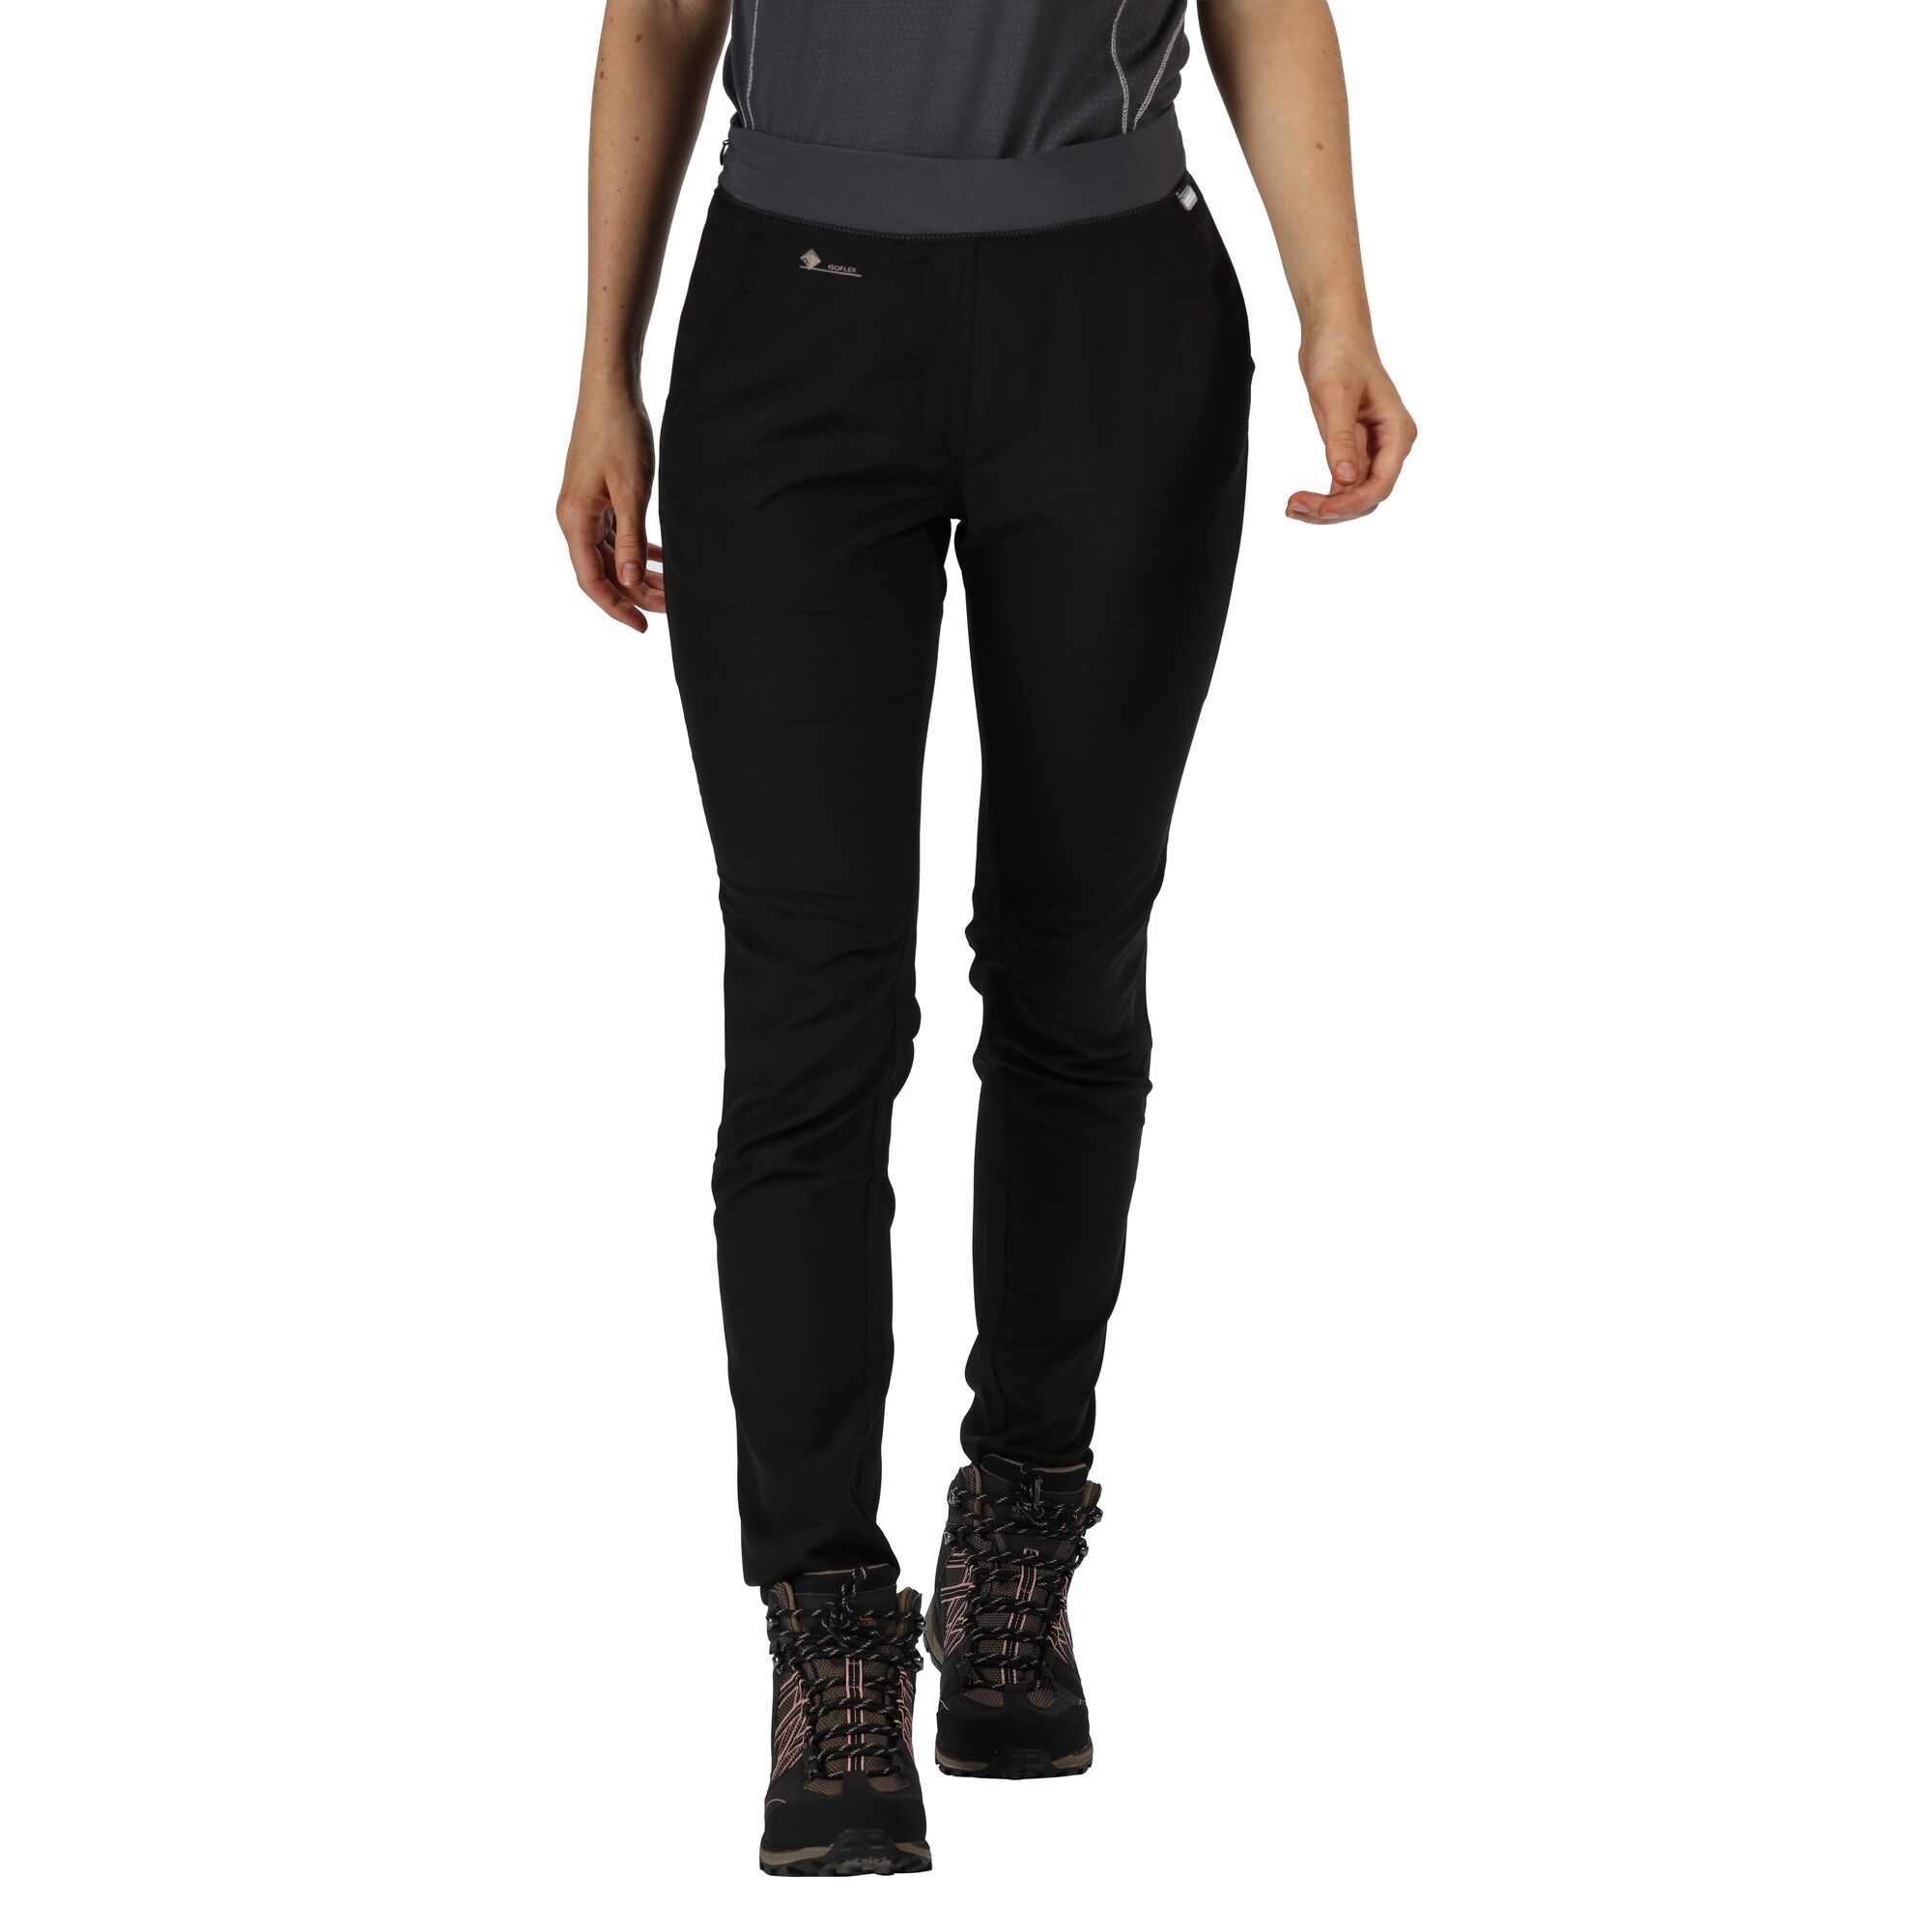 Regatta Womens/Ladies Zarine II Walking Trousers